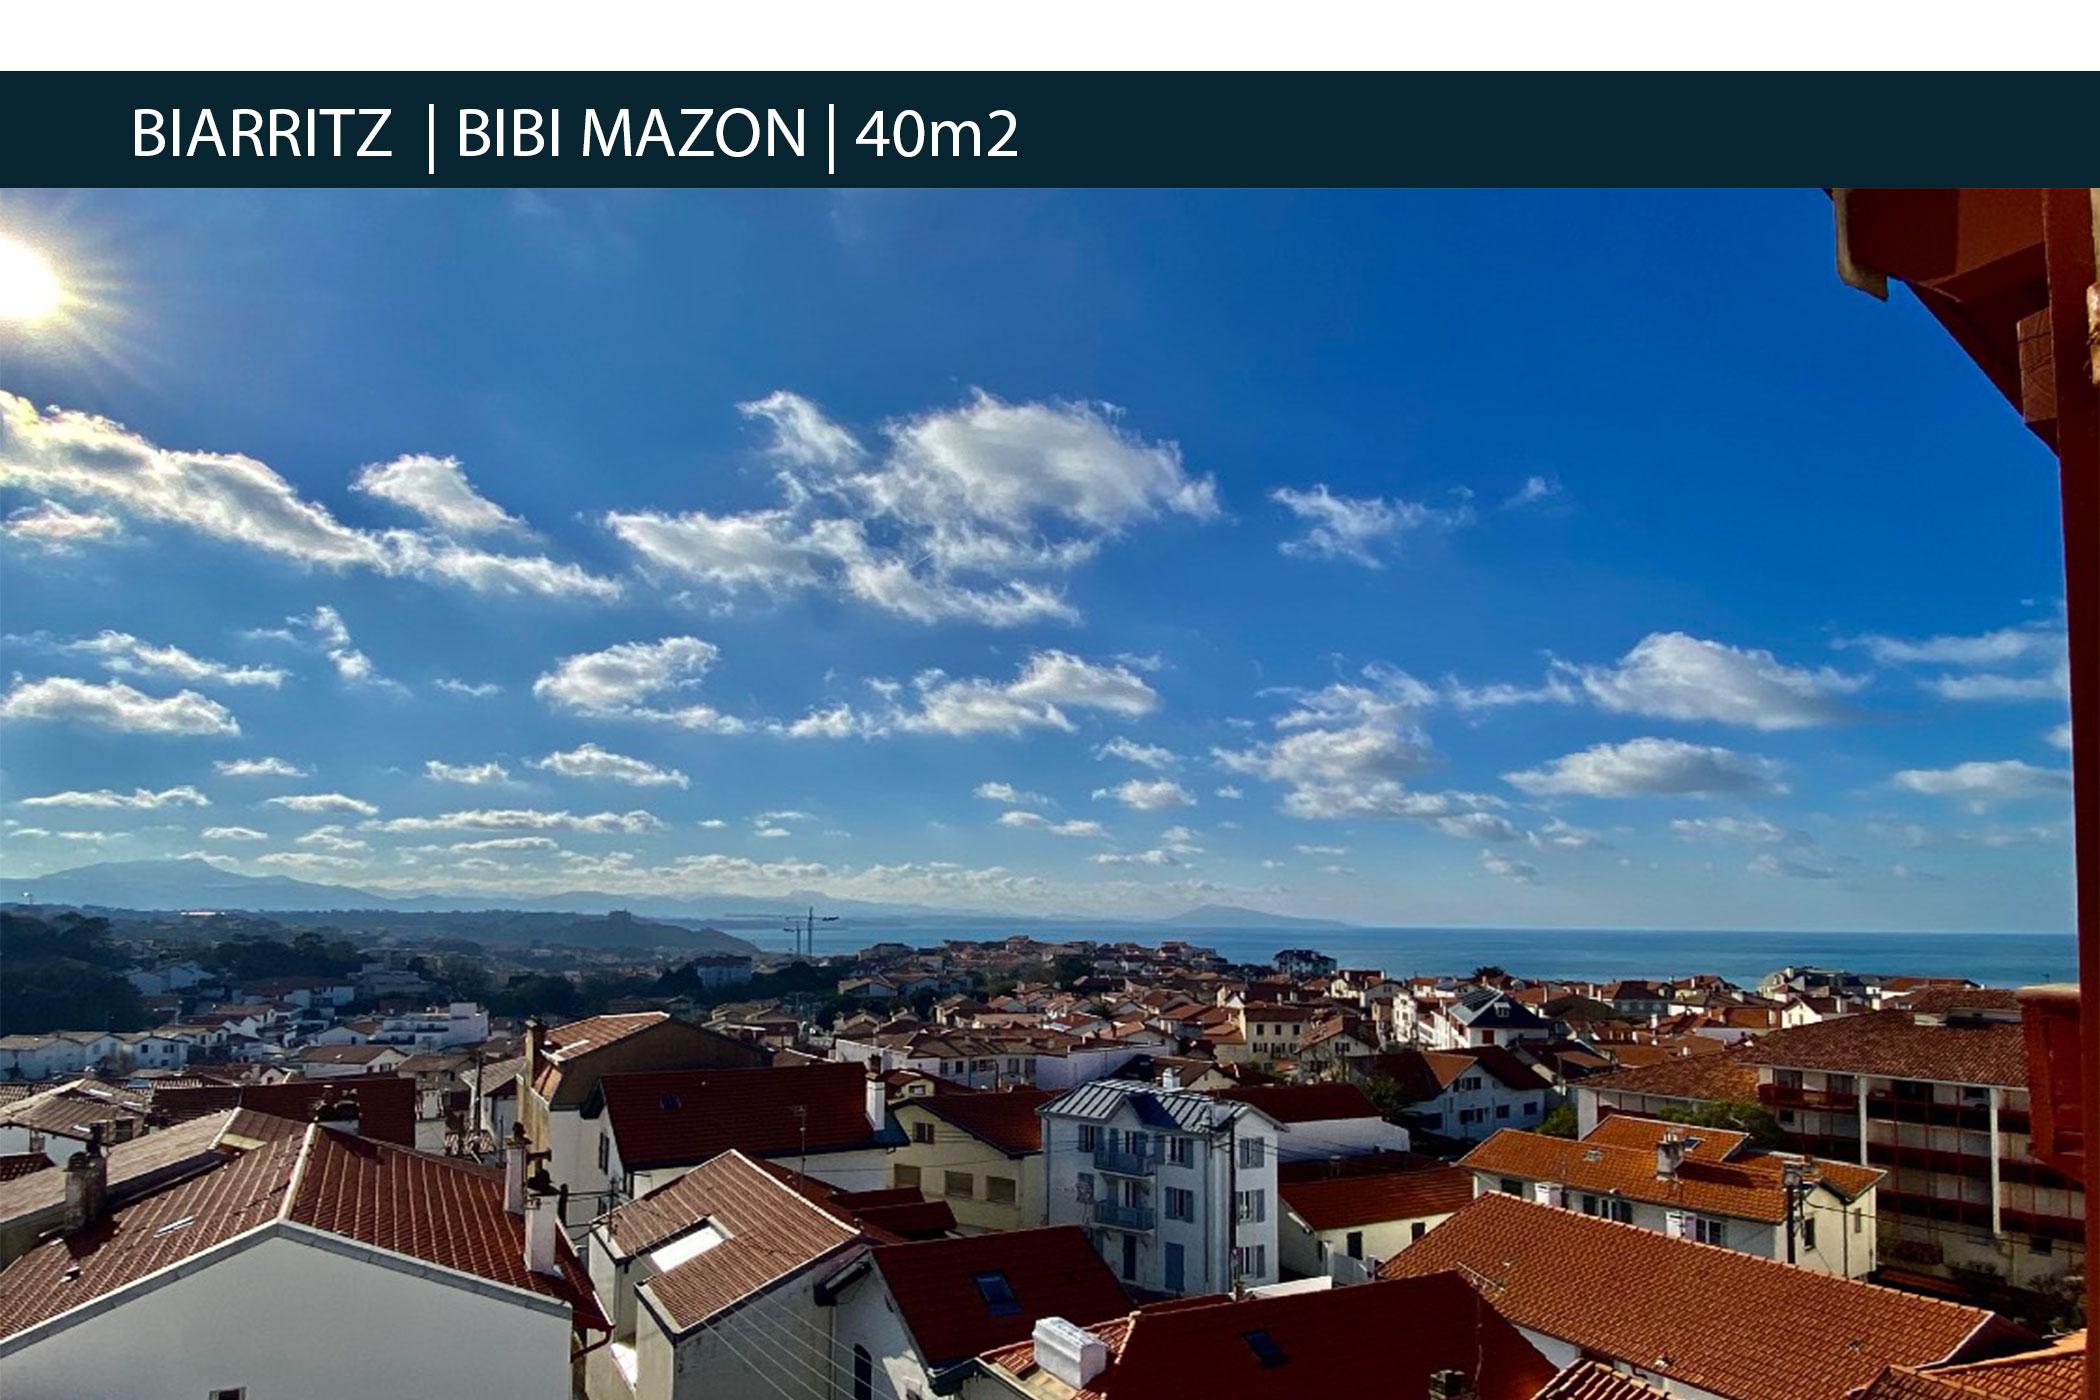 Biarritz-bibi-mazon-maison-en-vente